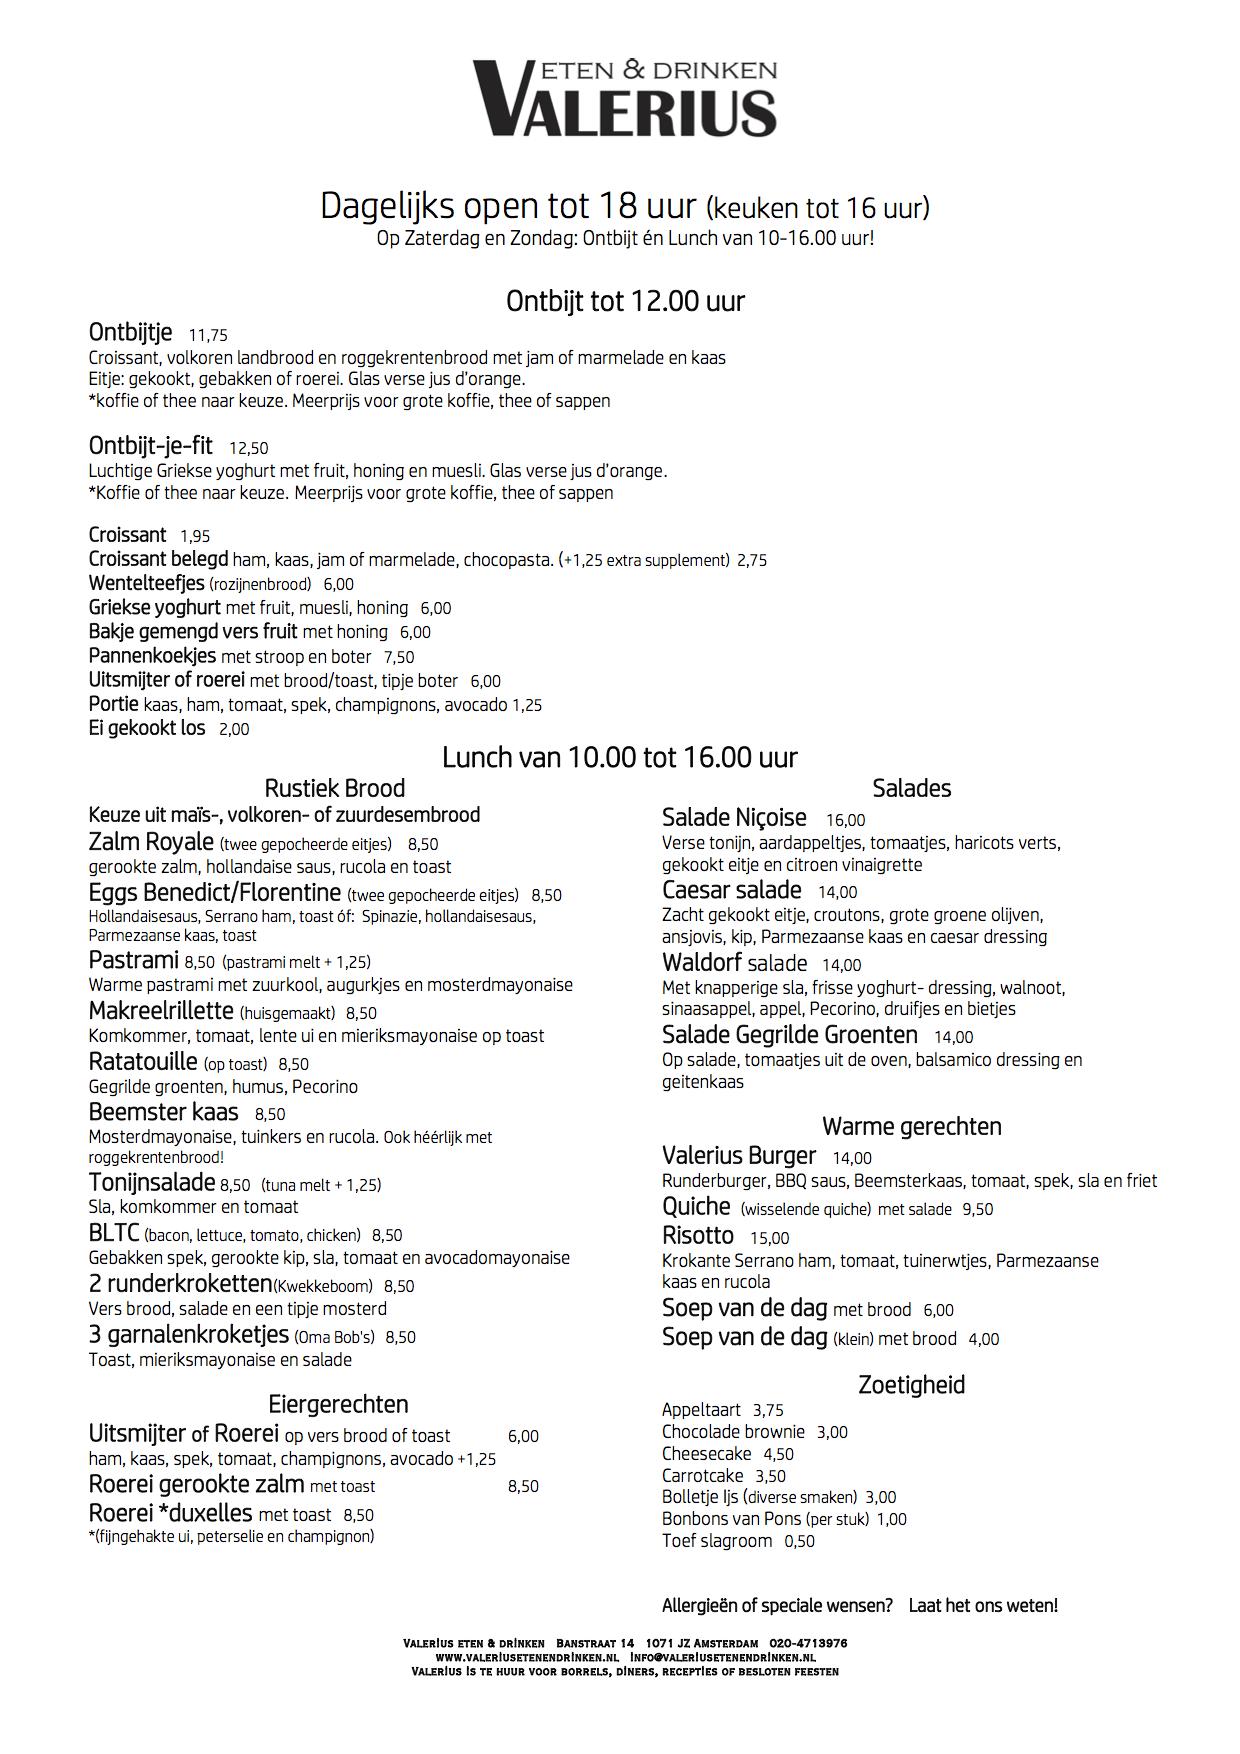 menukaart menu valerius eten en drinken